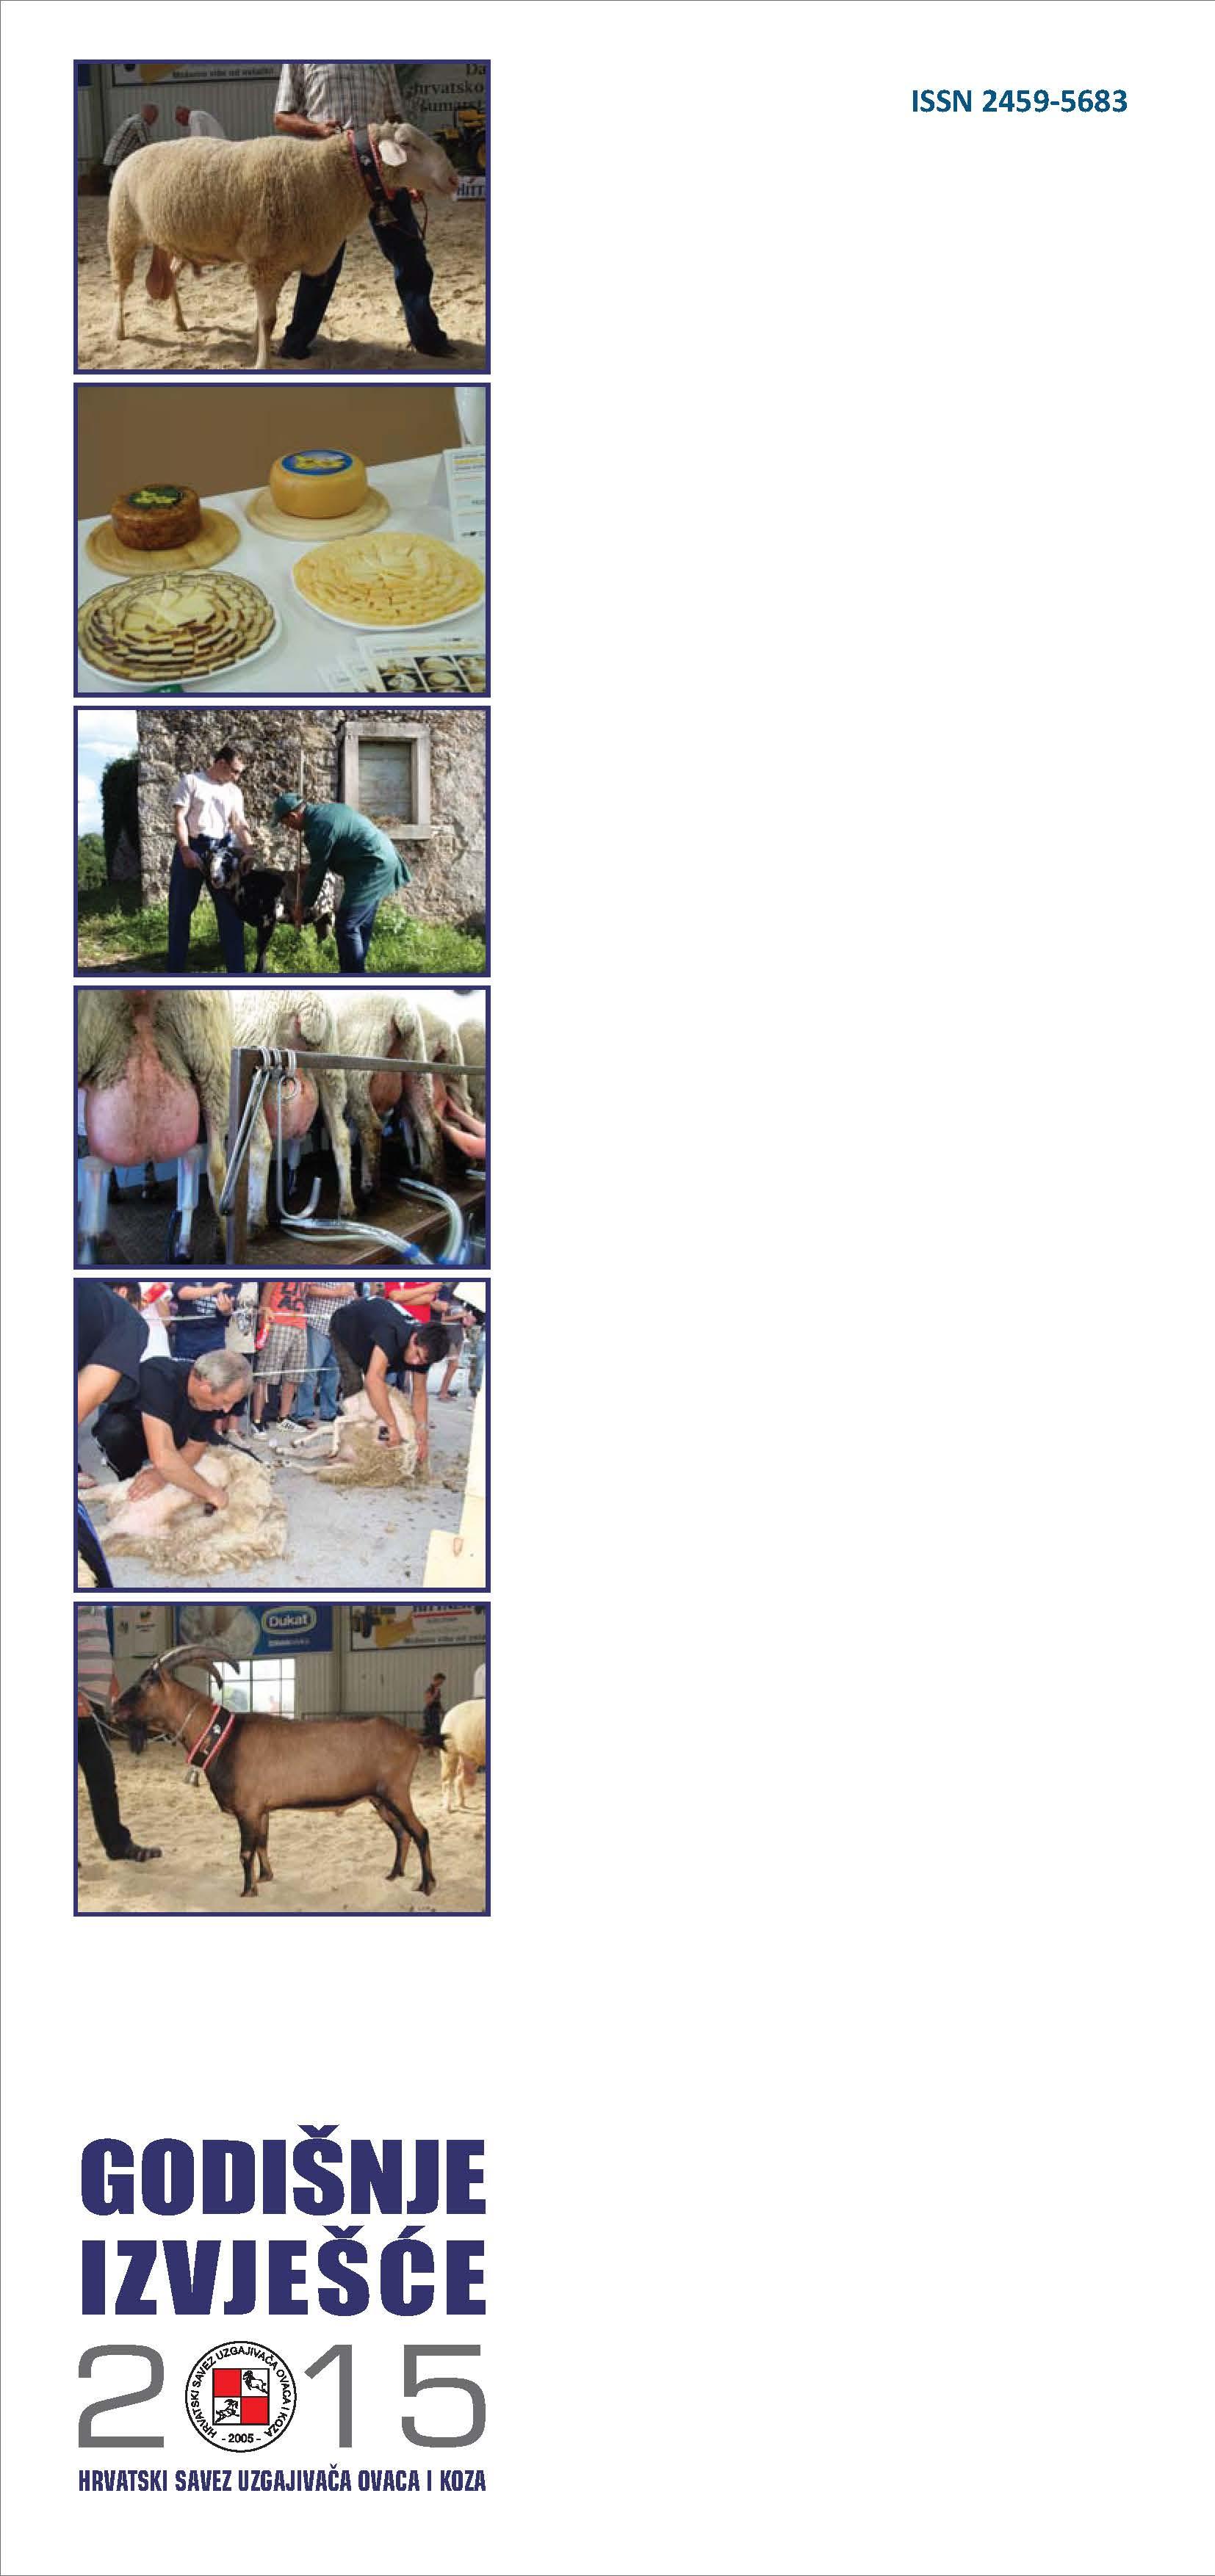 Godišnje izvješće Hrvatskog saveza uzgajivača ovaca i koza za 2015. godinu